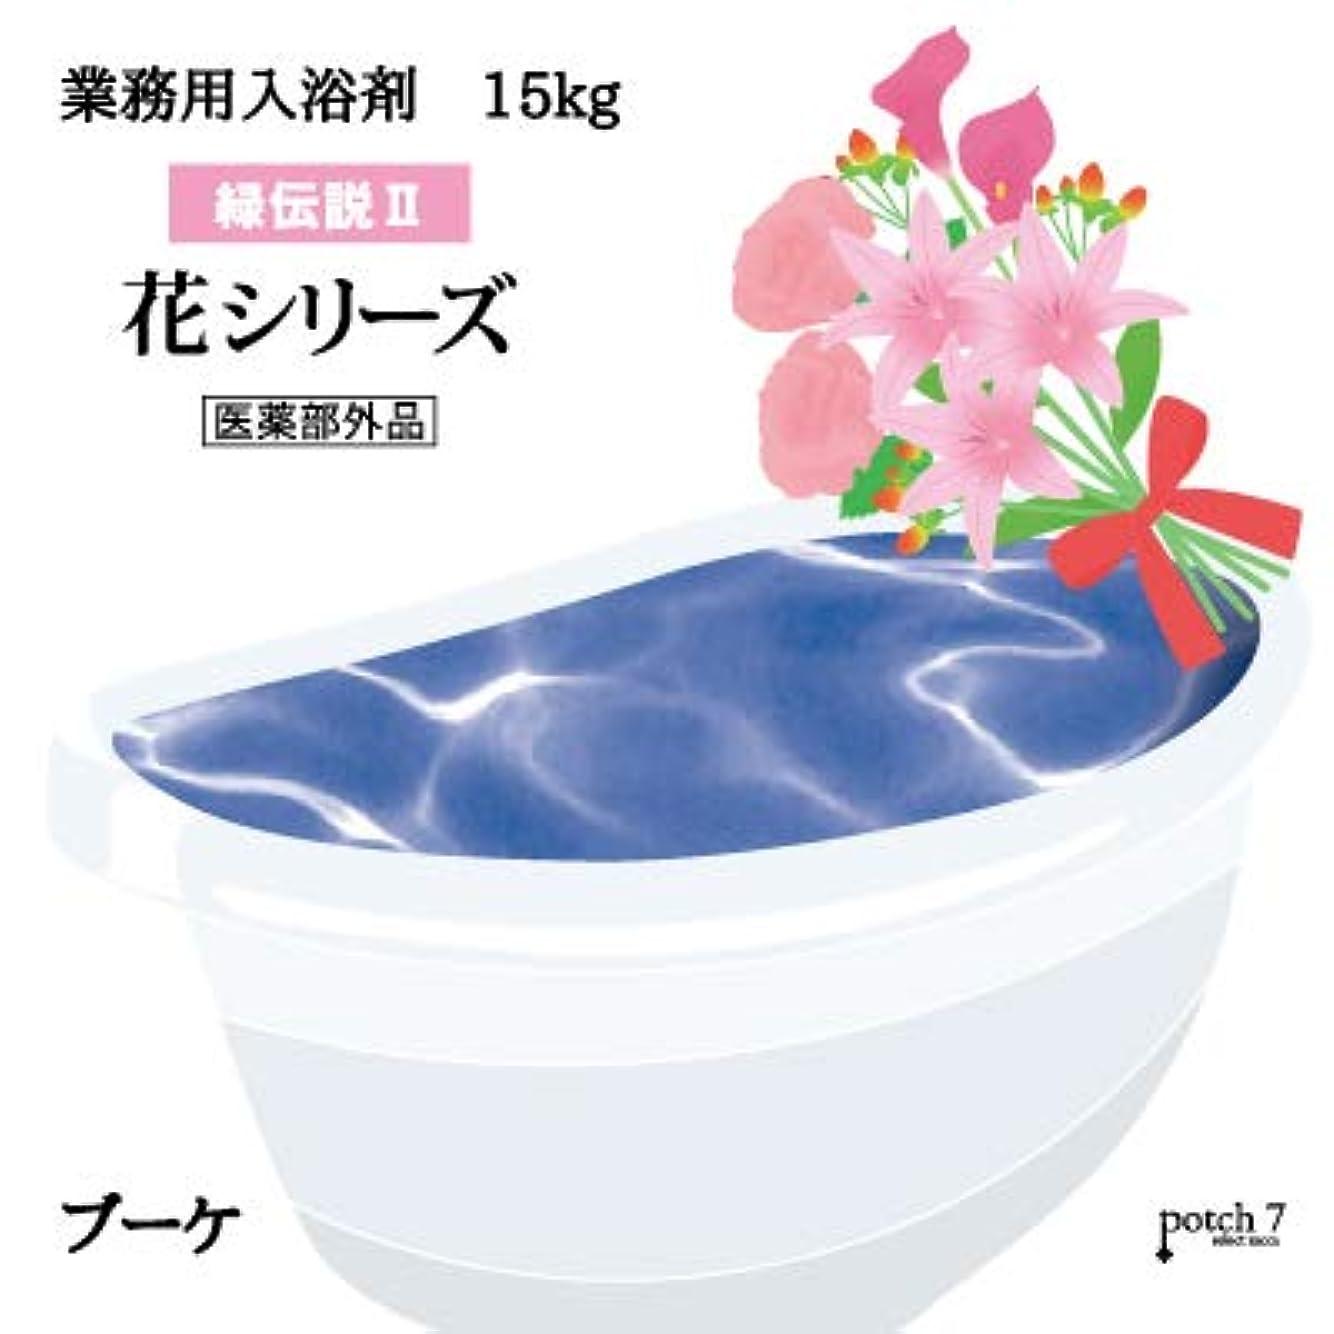 手術アカデミック外出業務用入浴剤「ブーケ」15Kg(7.5Kgx2袋入)GYM-BU